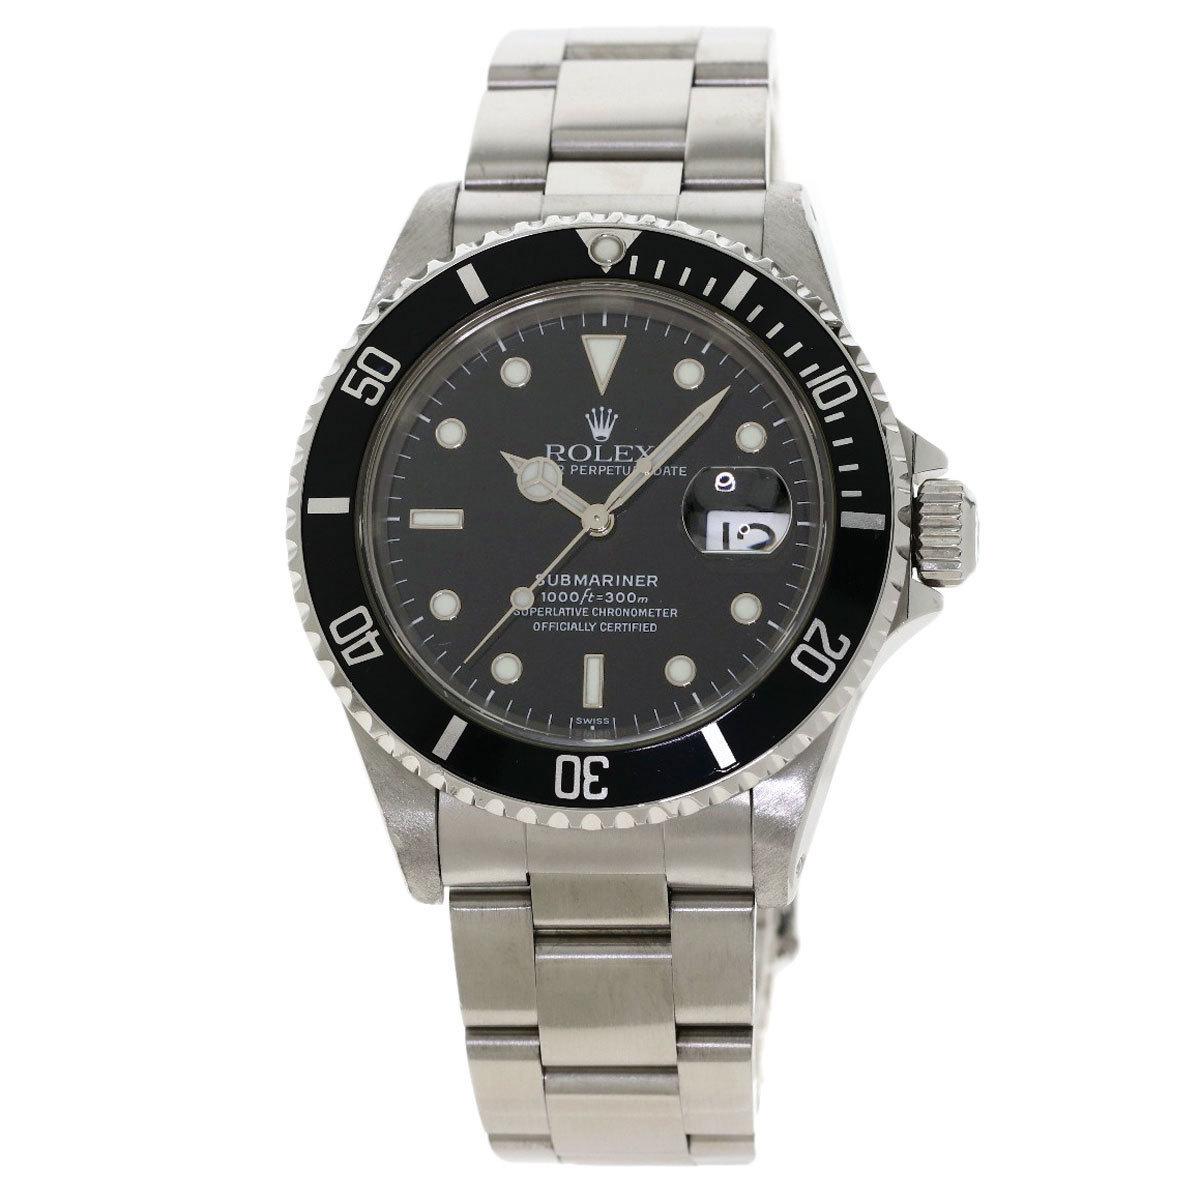 Rolex 16610 Submariner Date Watch Stainless Steel Mens